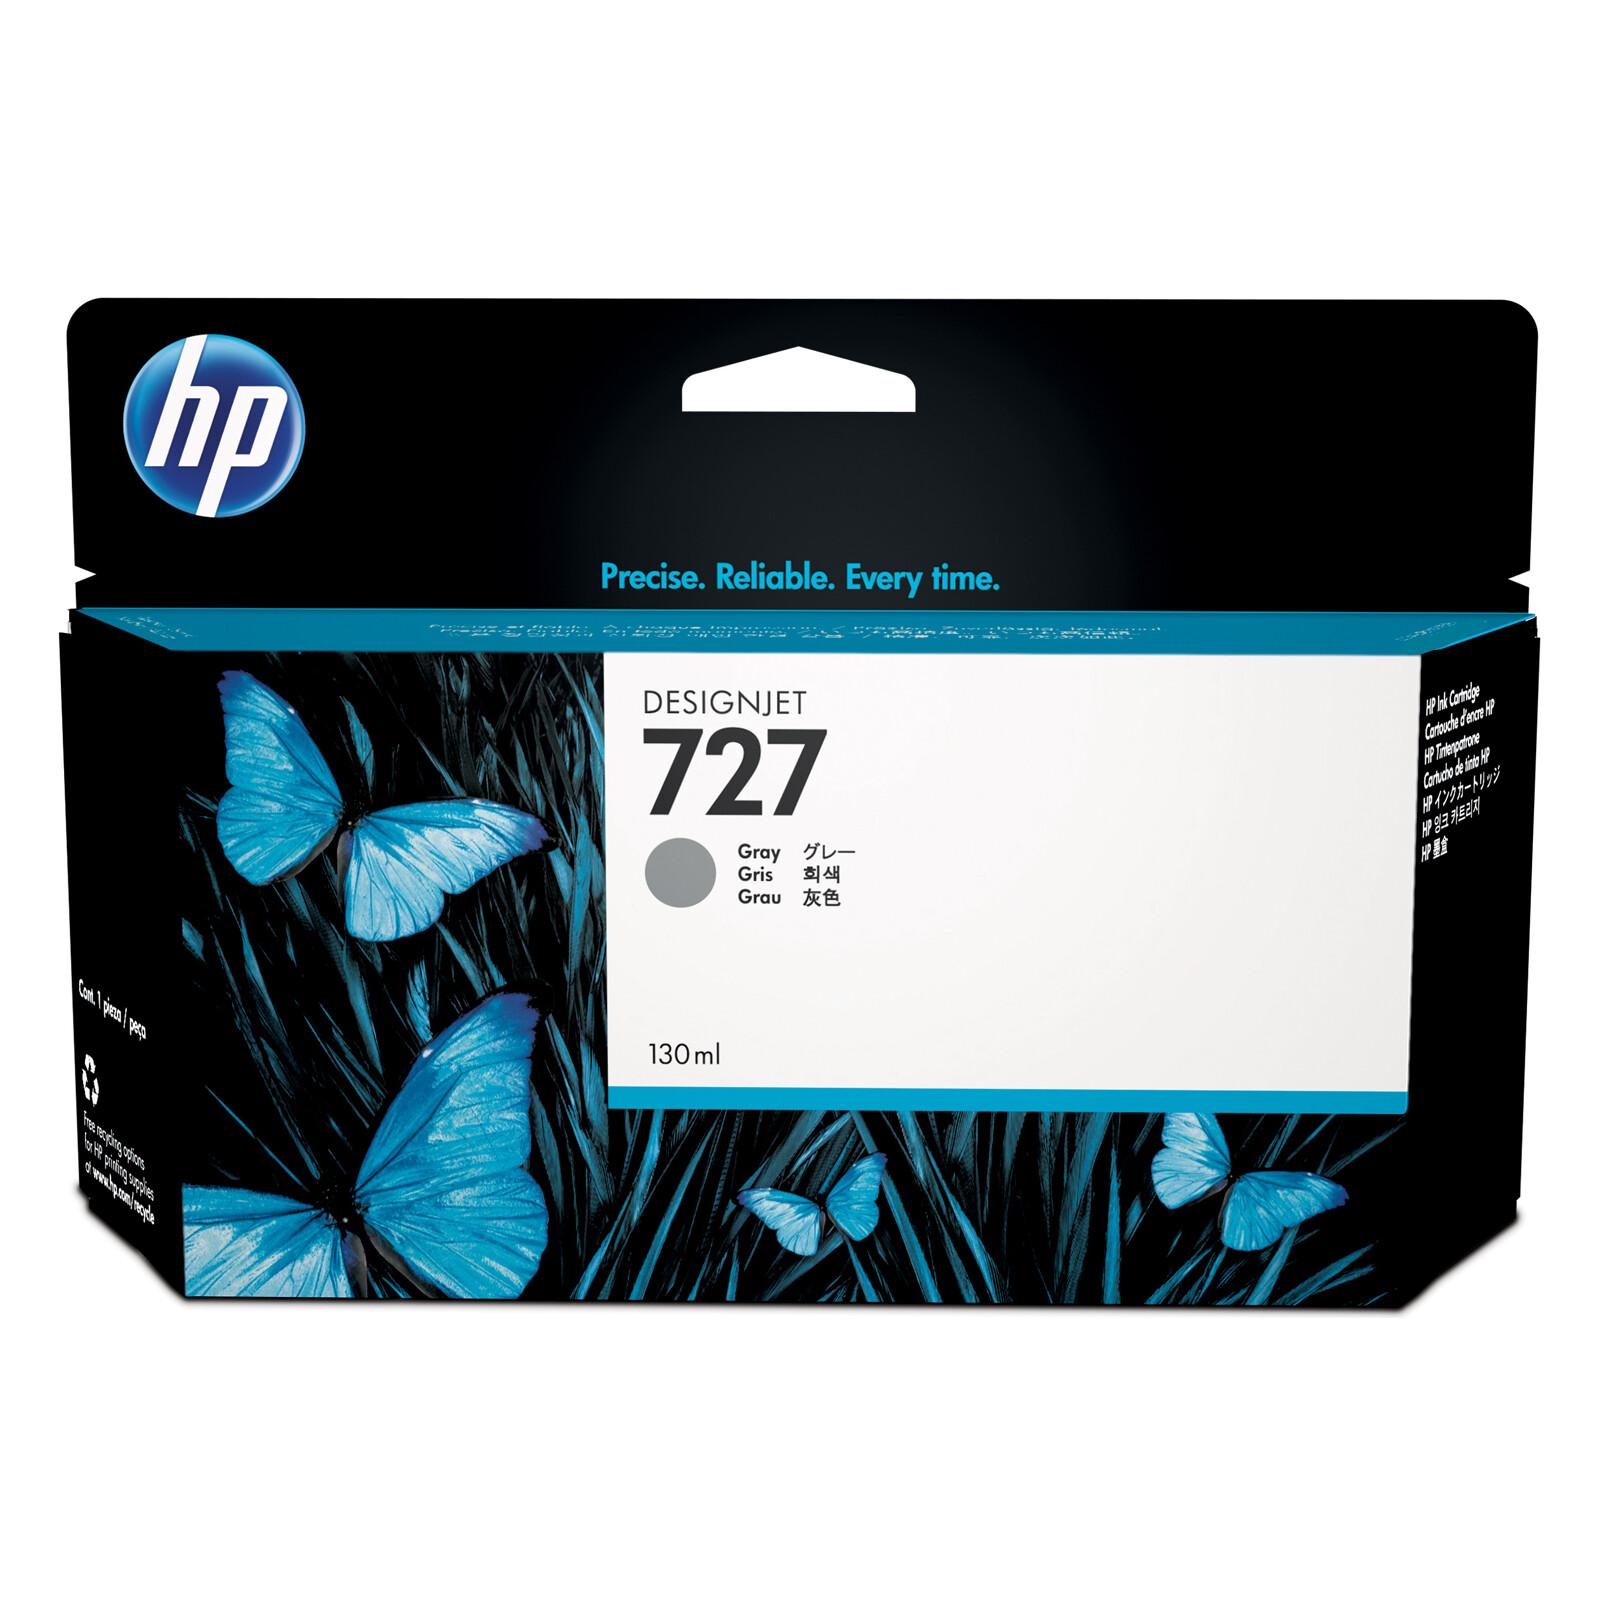 HP 727 B3P24A Tinte grey 130ml